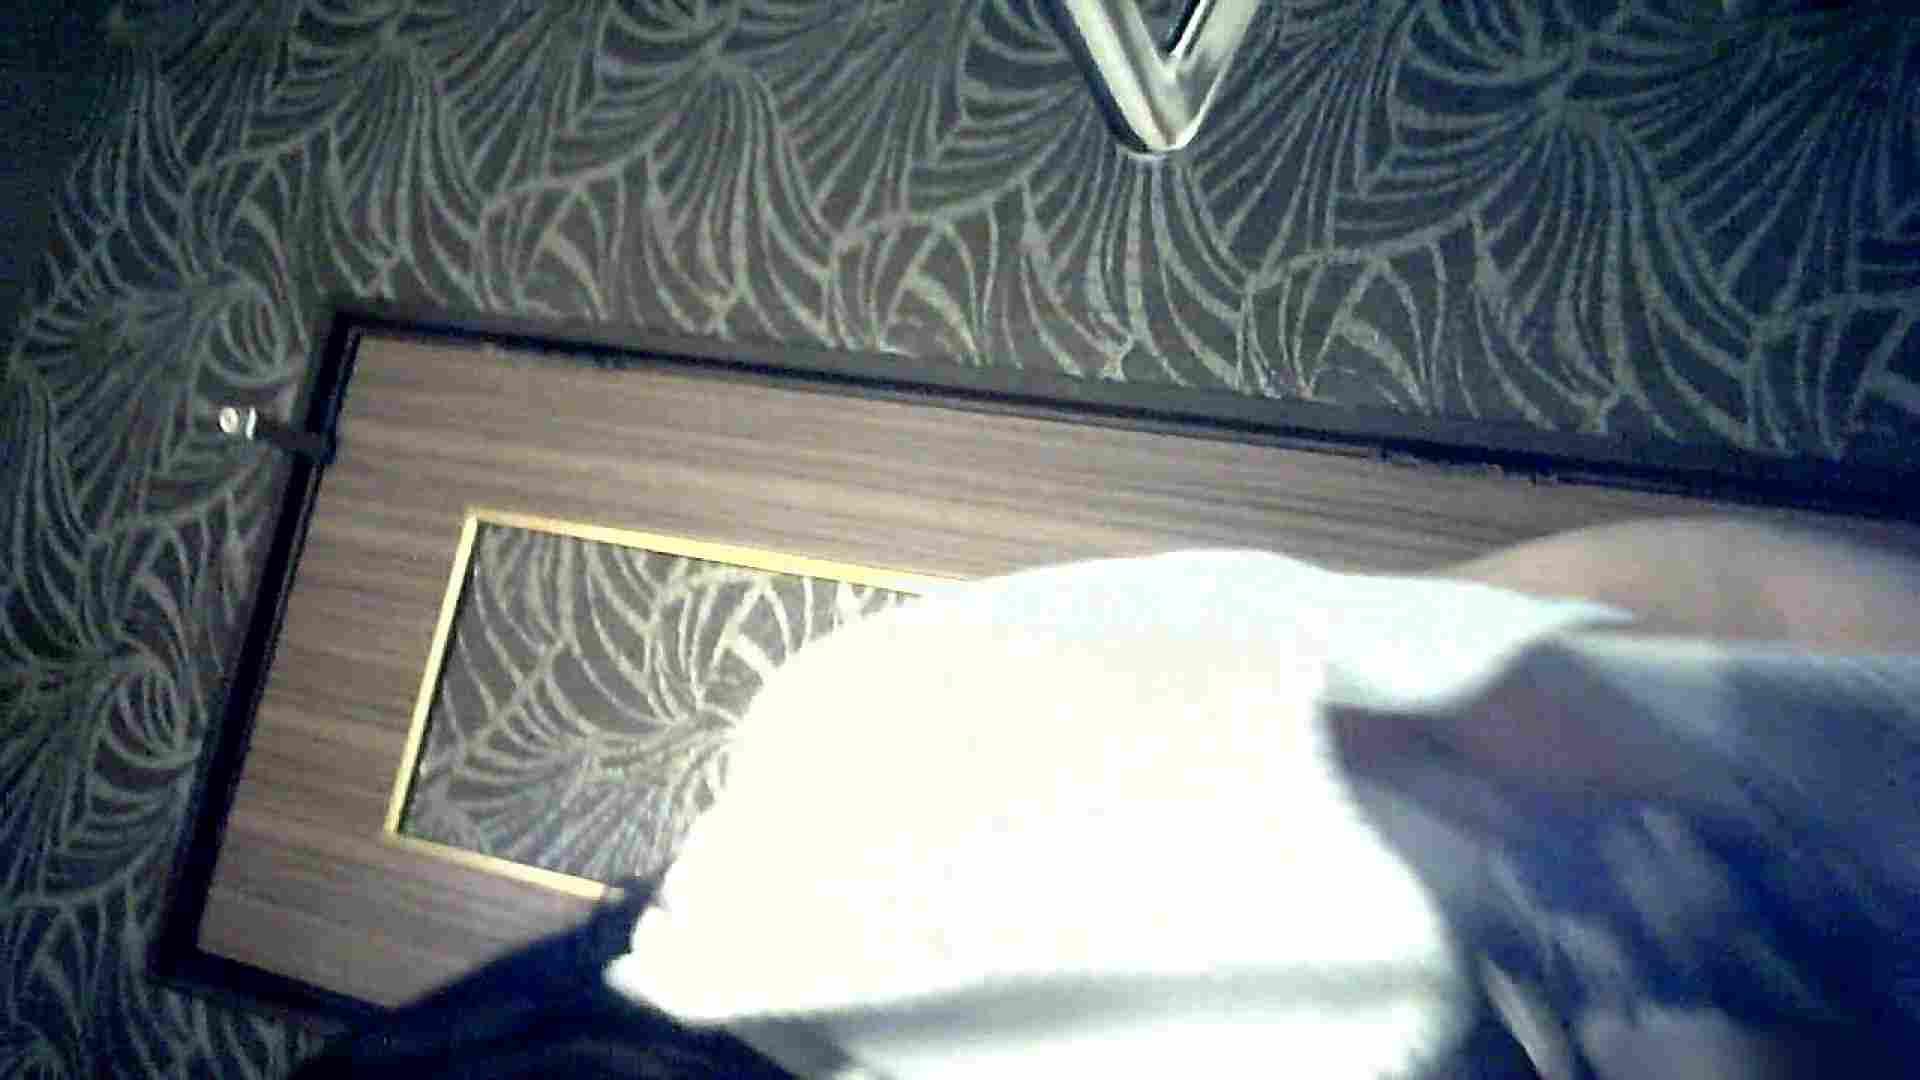 ▲2017_05位▲ 学園アイドル美人女子大生!❶4人厳選詰合せVol.49 いやらしい女子大生 われめAV動画紹介 42連発 21